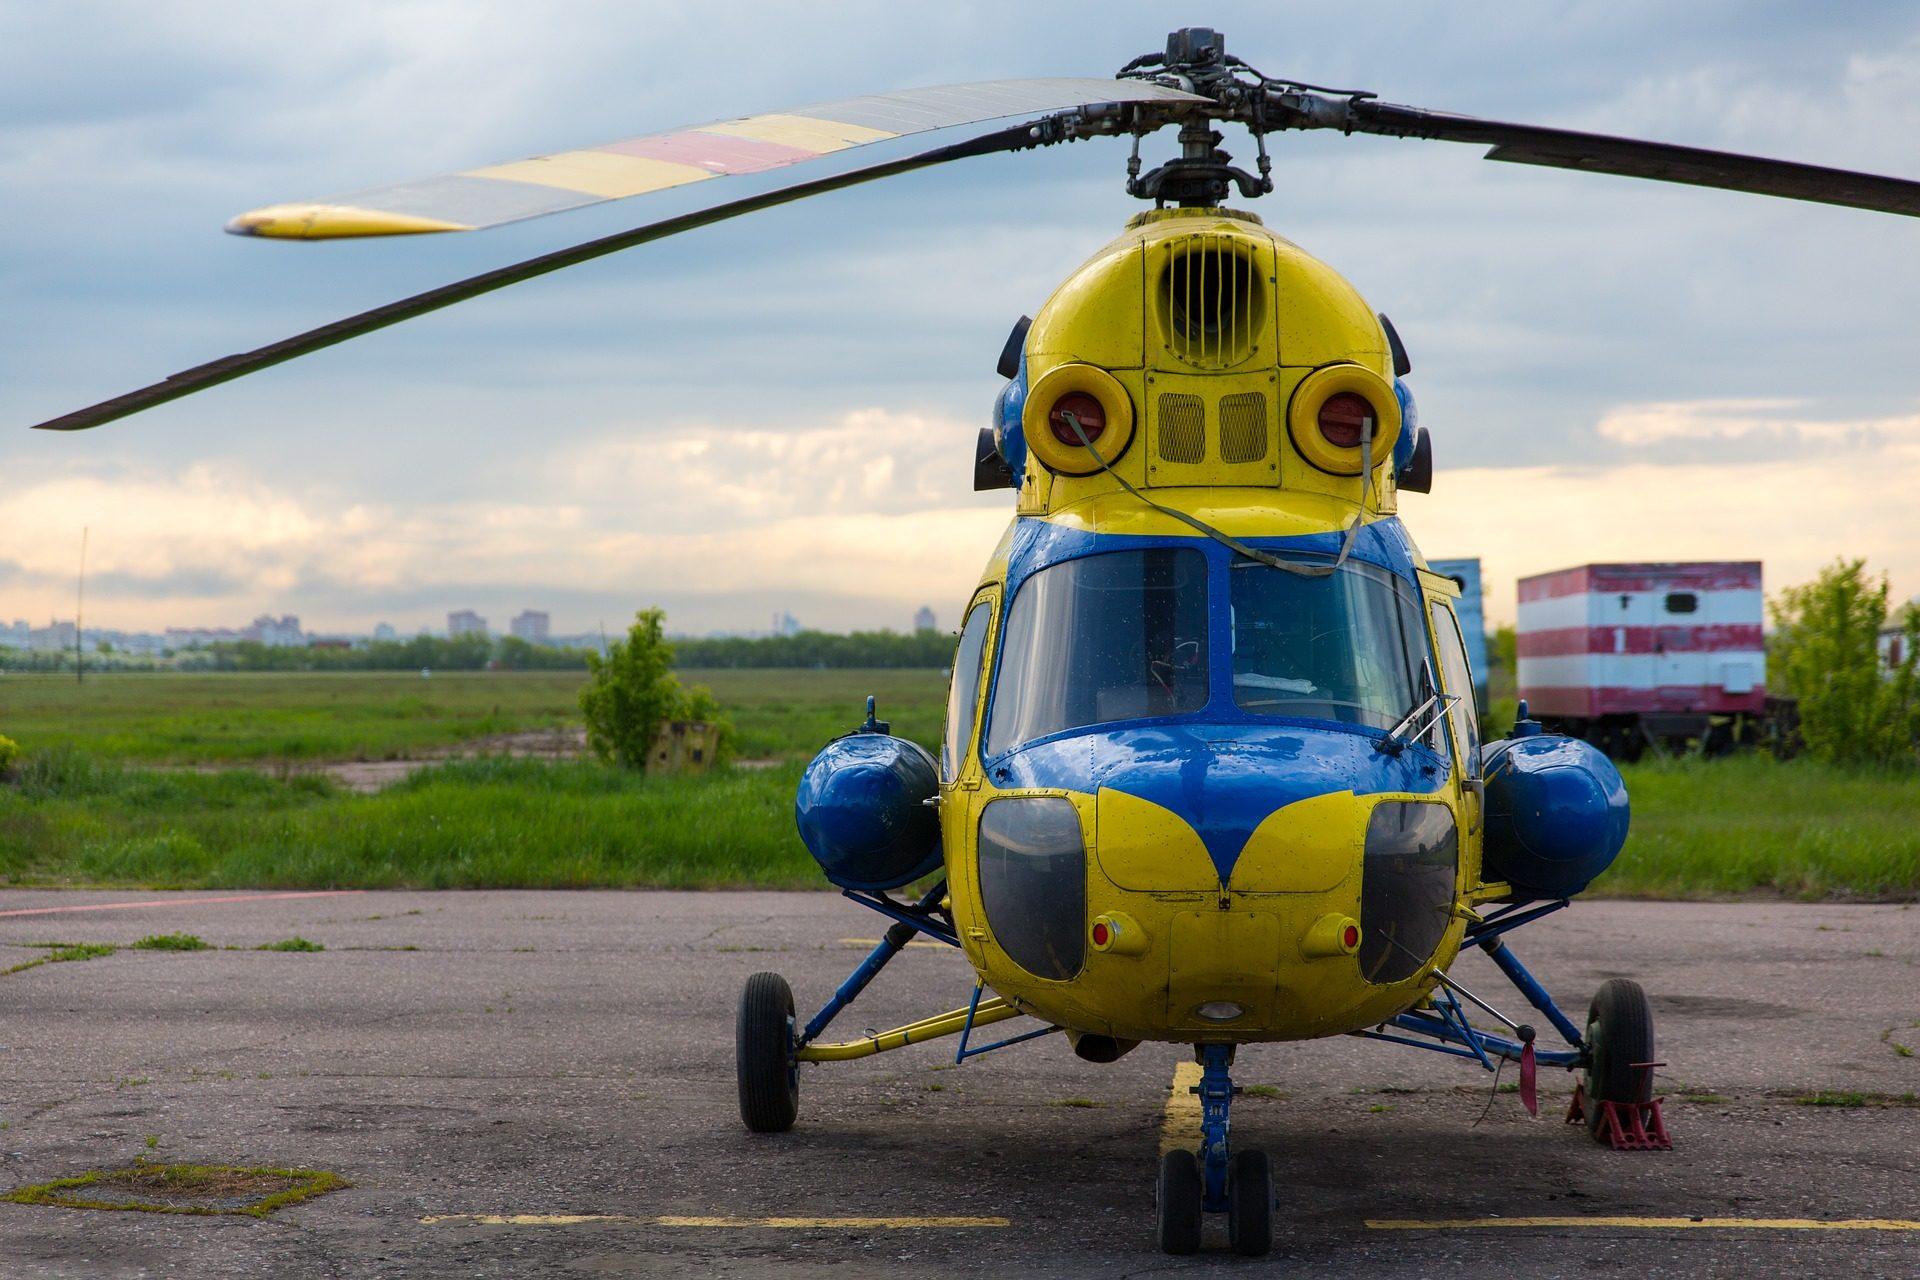 elicottero, volare, eliche, cabina, rotore - Sfondi HD - Professor-falken.com